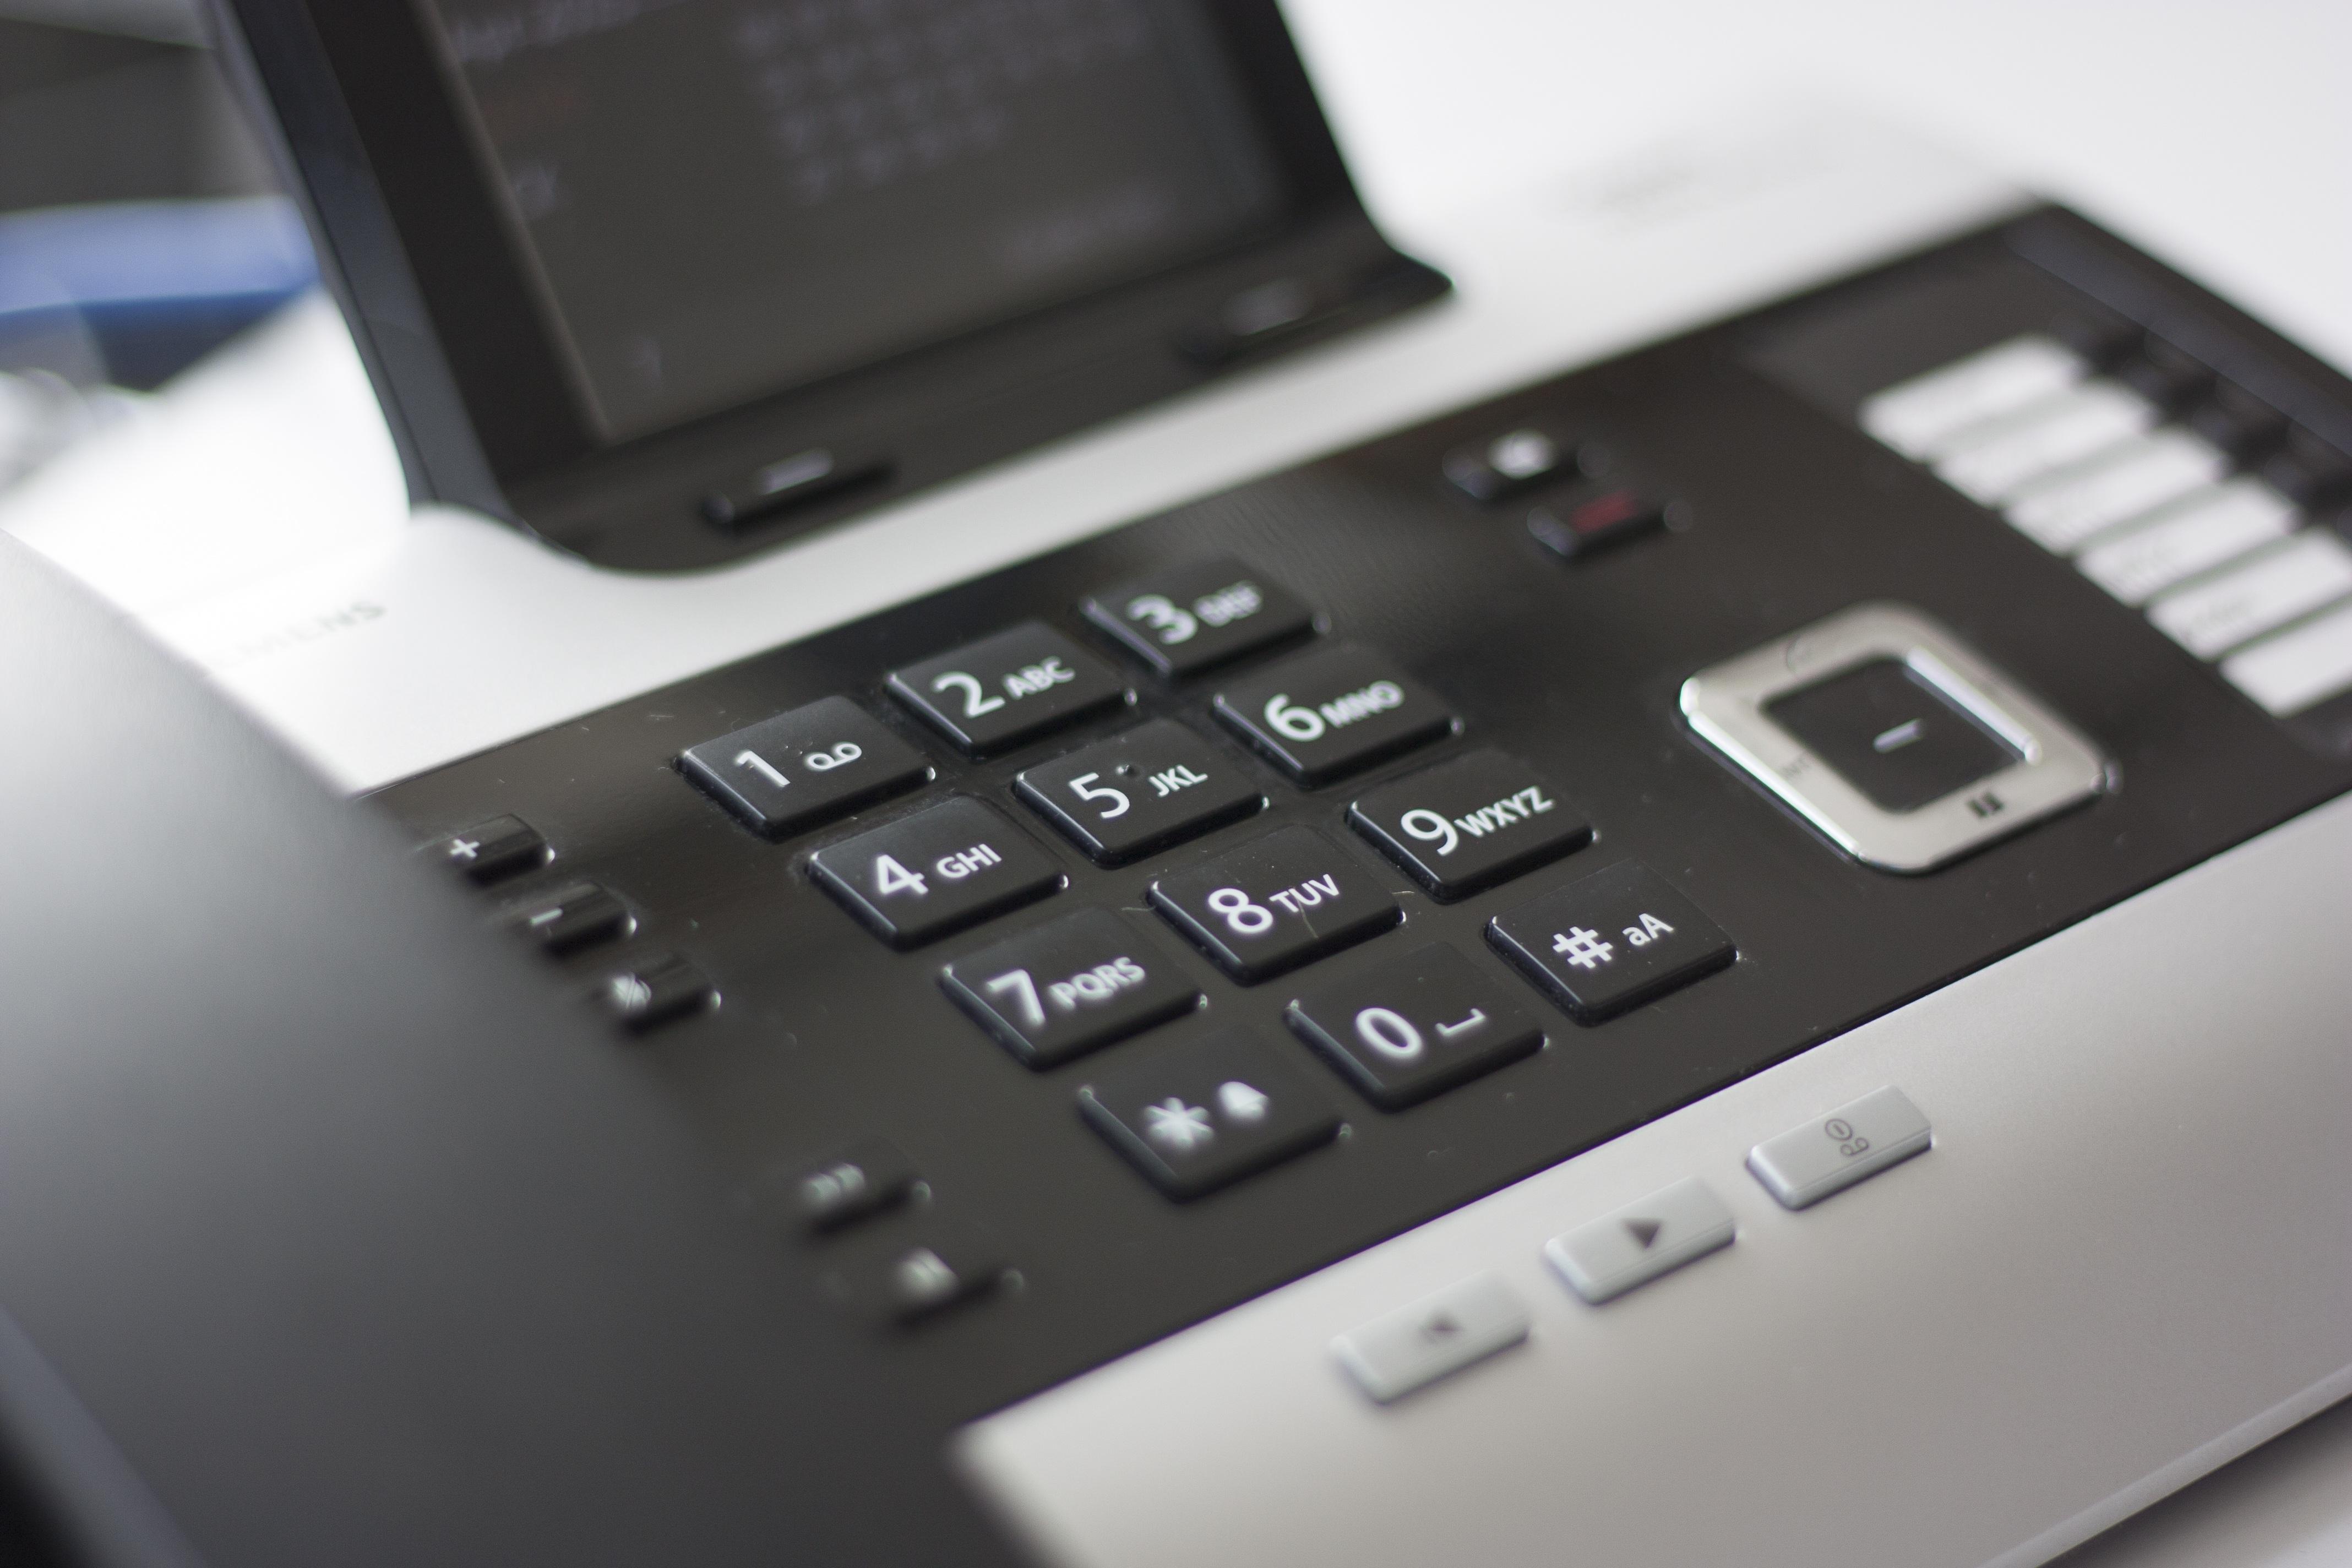 Enregistrements de messages téléphoniques